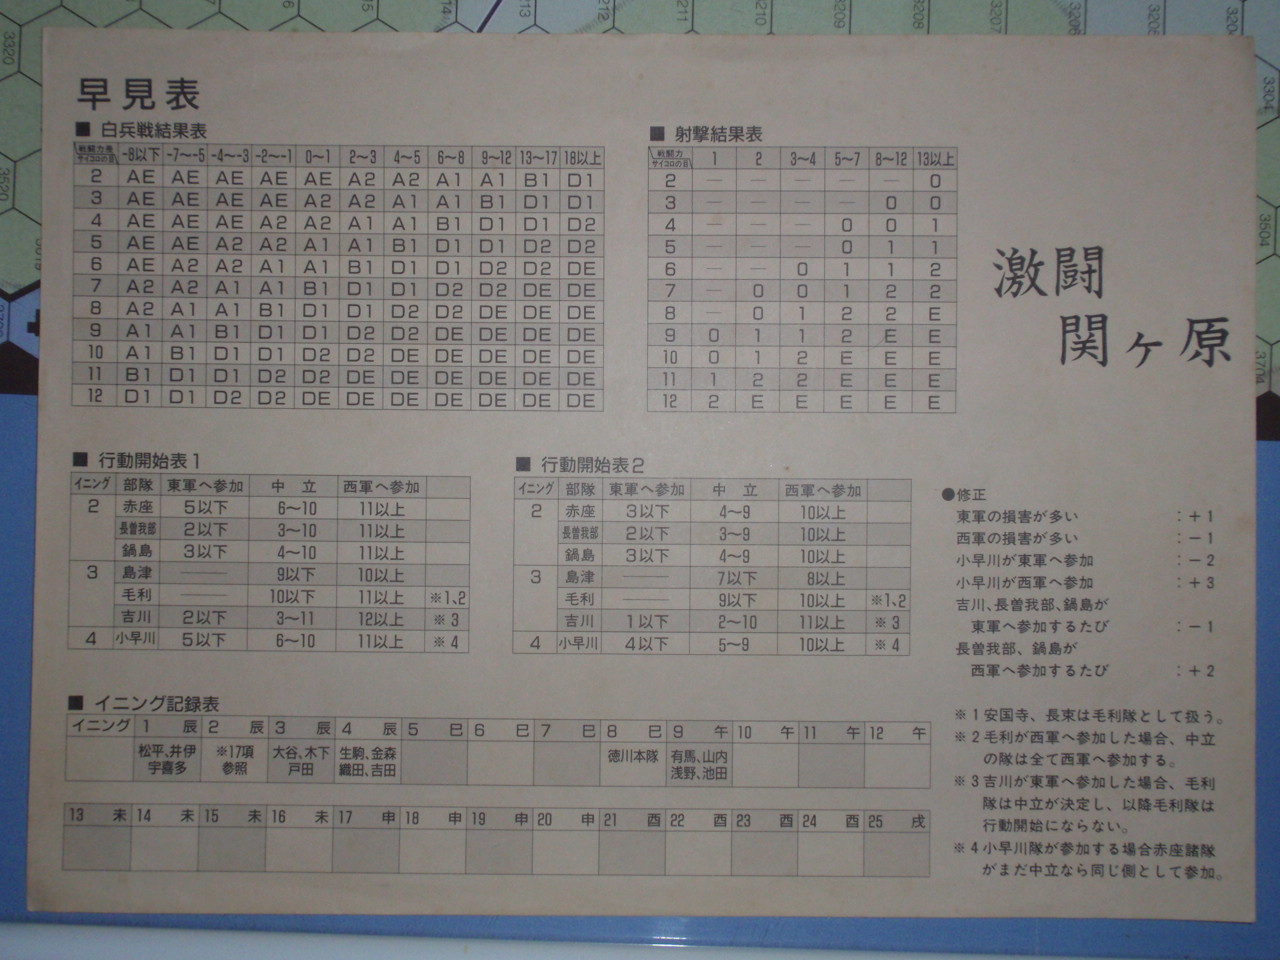 ツクダ/GJ「幸村外伝」をソロプレイ①_b0162202_20145473.jpg